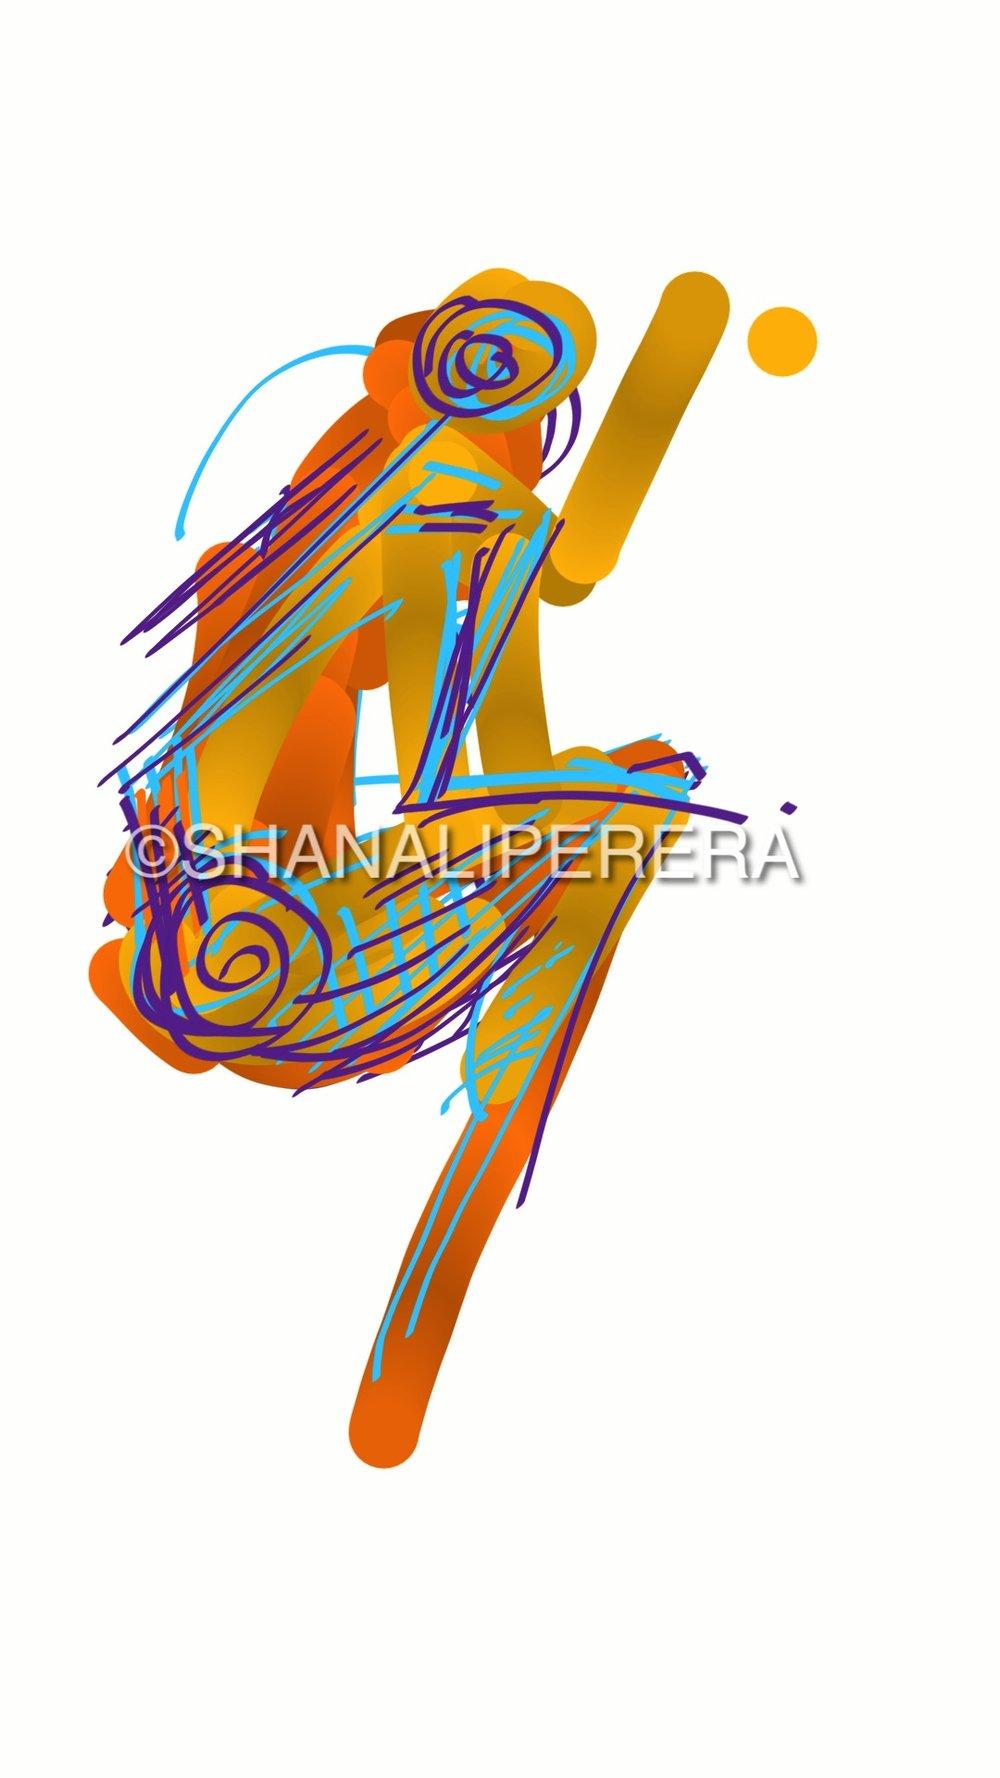 sketch-1499589940414.jpg